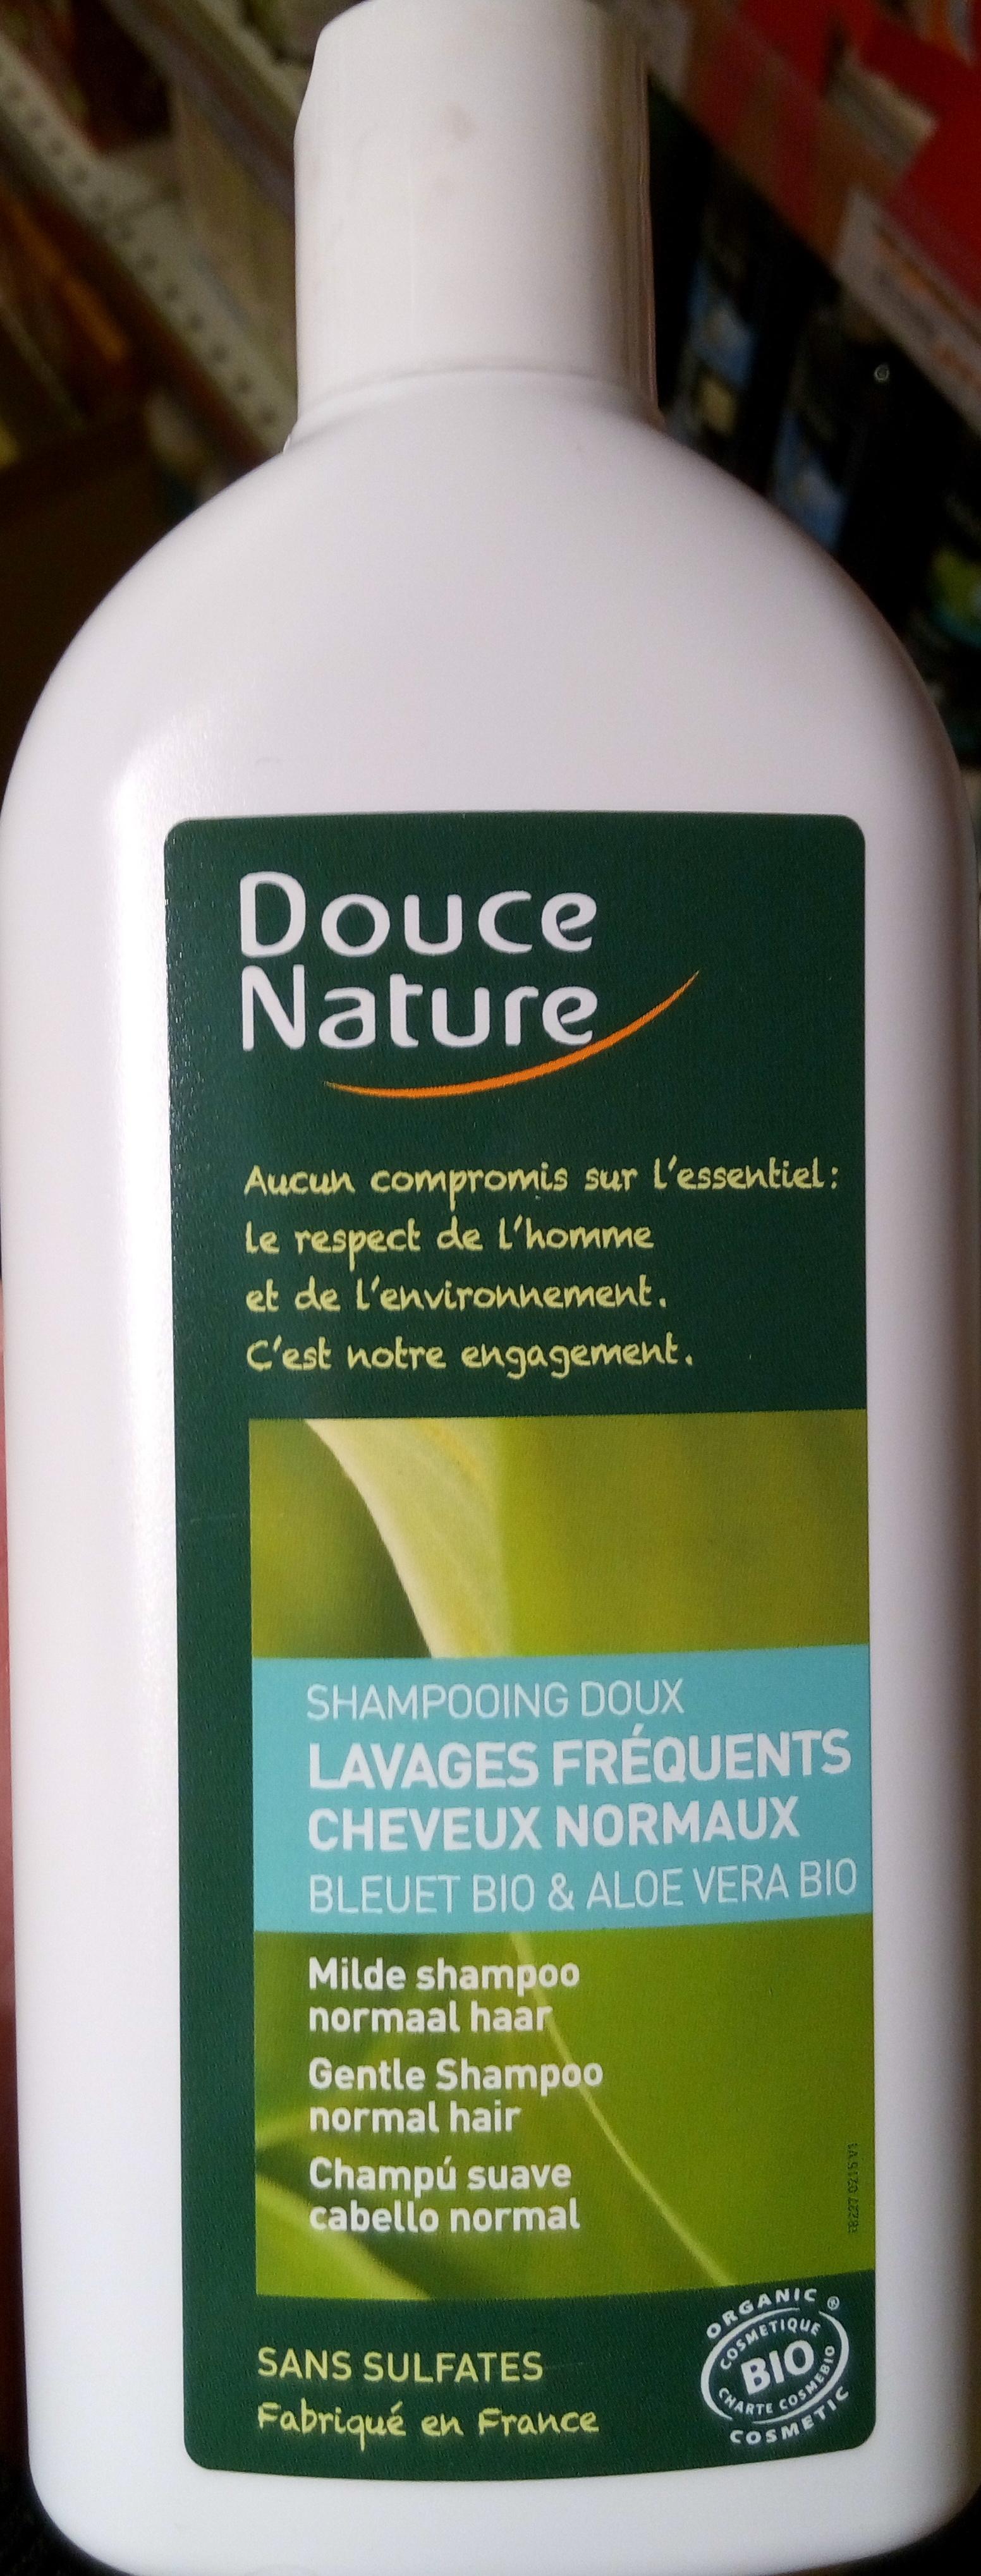 Shampooings doux lavage fréquent cheveux normaux bleuet bio & aloe vera bio - Product - fr